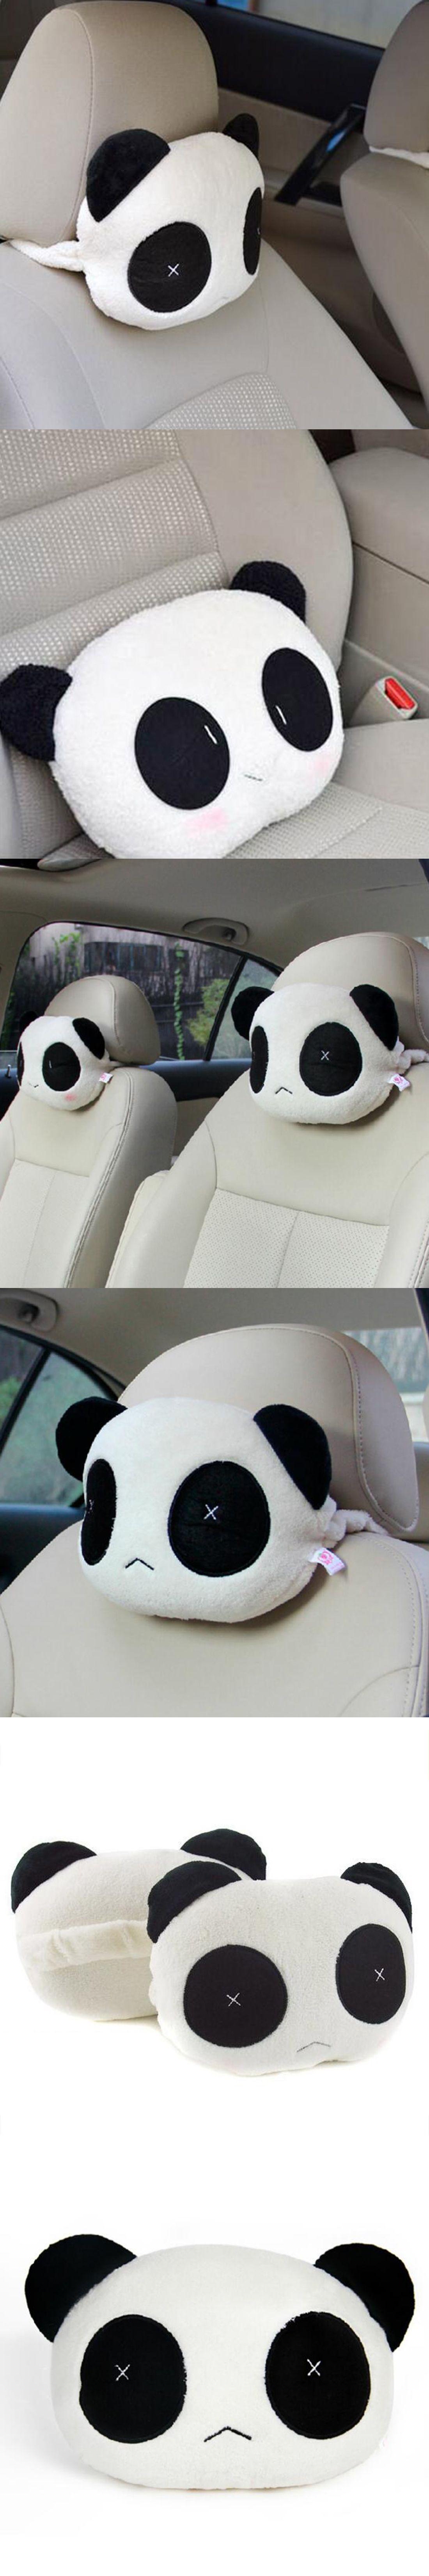 Dewtreetali super cute panda plush auto waist car seat chair